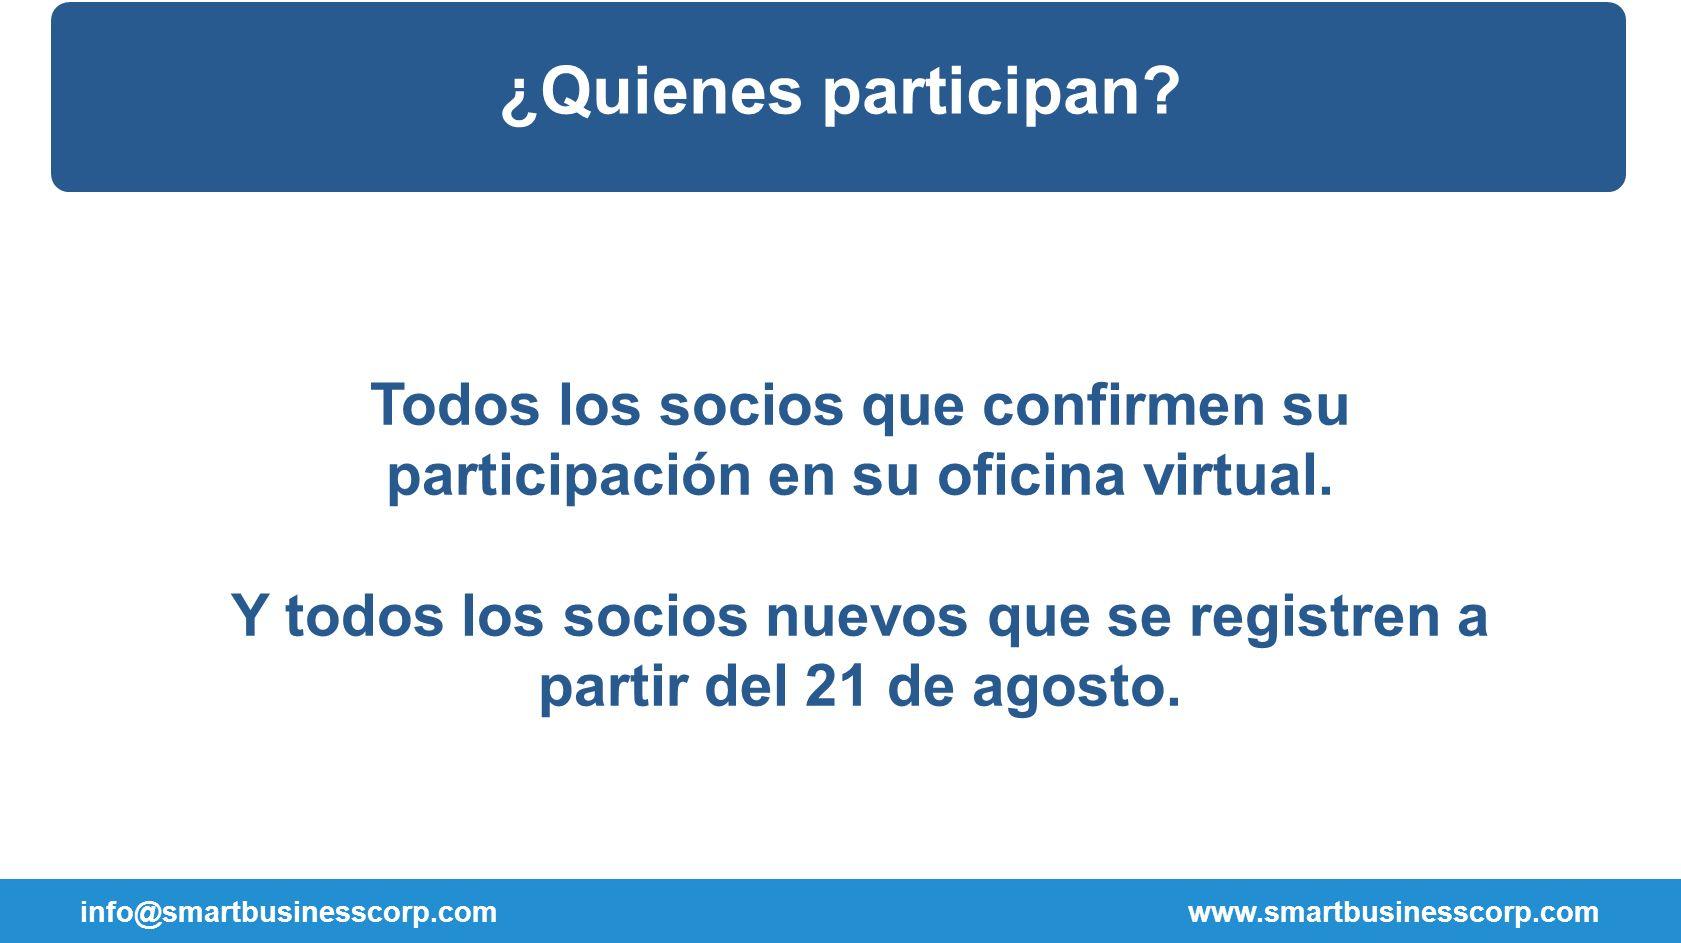 ¿Quienes participan? info@smartbusinesscorp.com www.smartbusinesscorp.com Todos los socios que confirmen su participación en su oficina virtual. Y tod